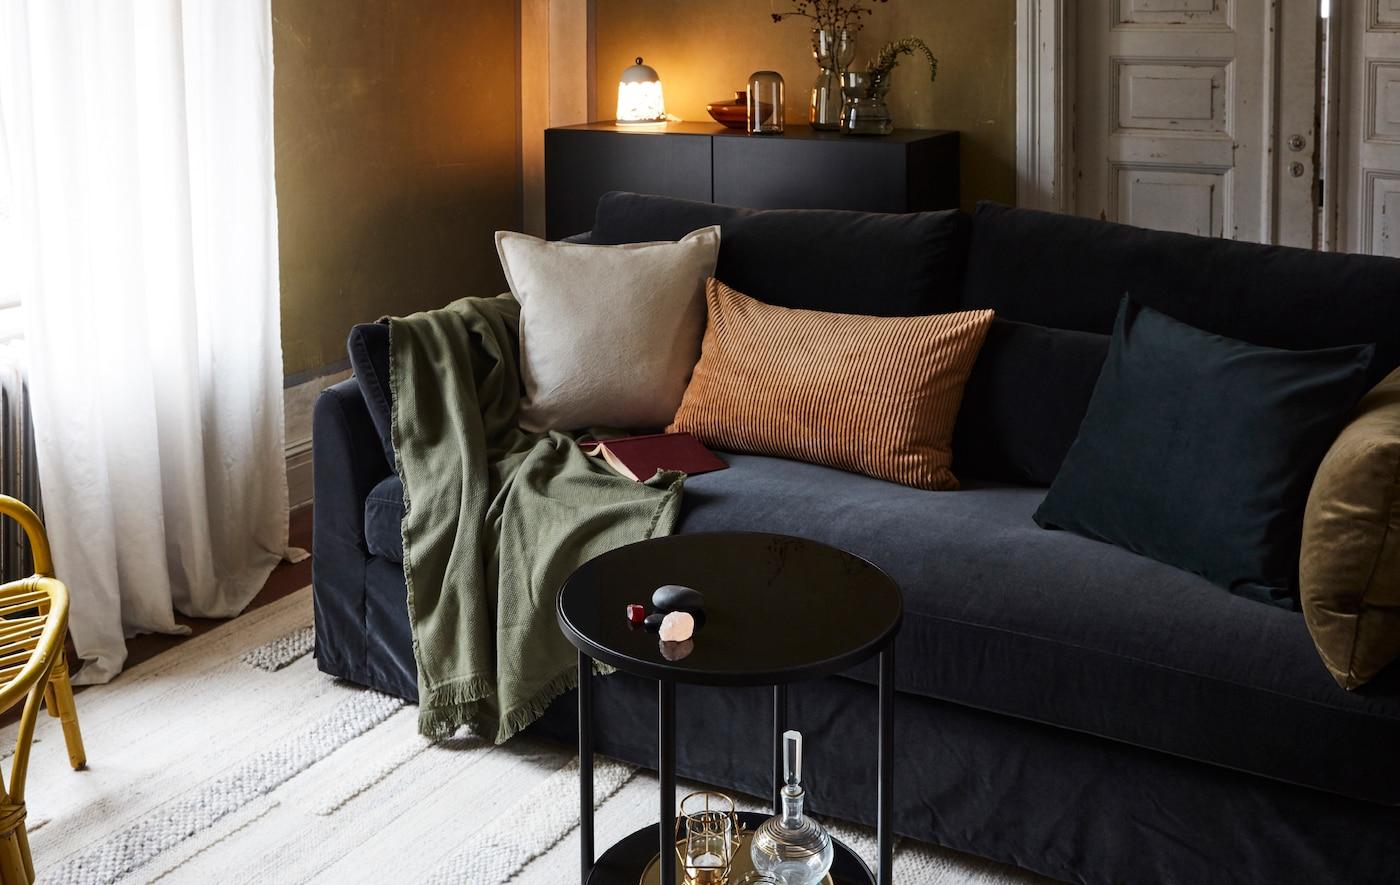 リビングルームに、ソファ、クッション、ひざ掛け、ラグ、小さなテーブル、ランプと花瓶の置かれたサイドボード、籐製アームチェアがあります。